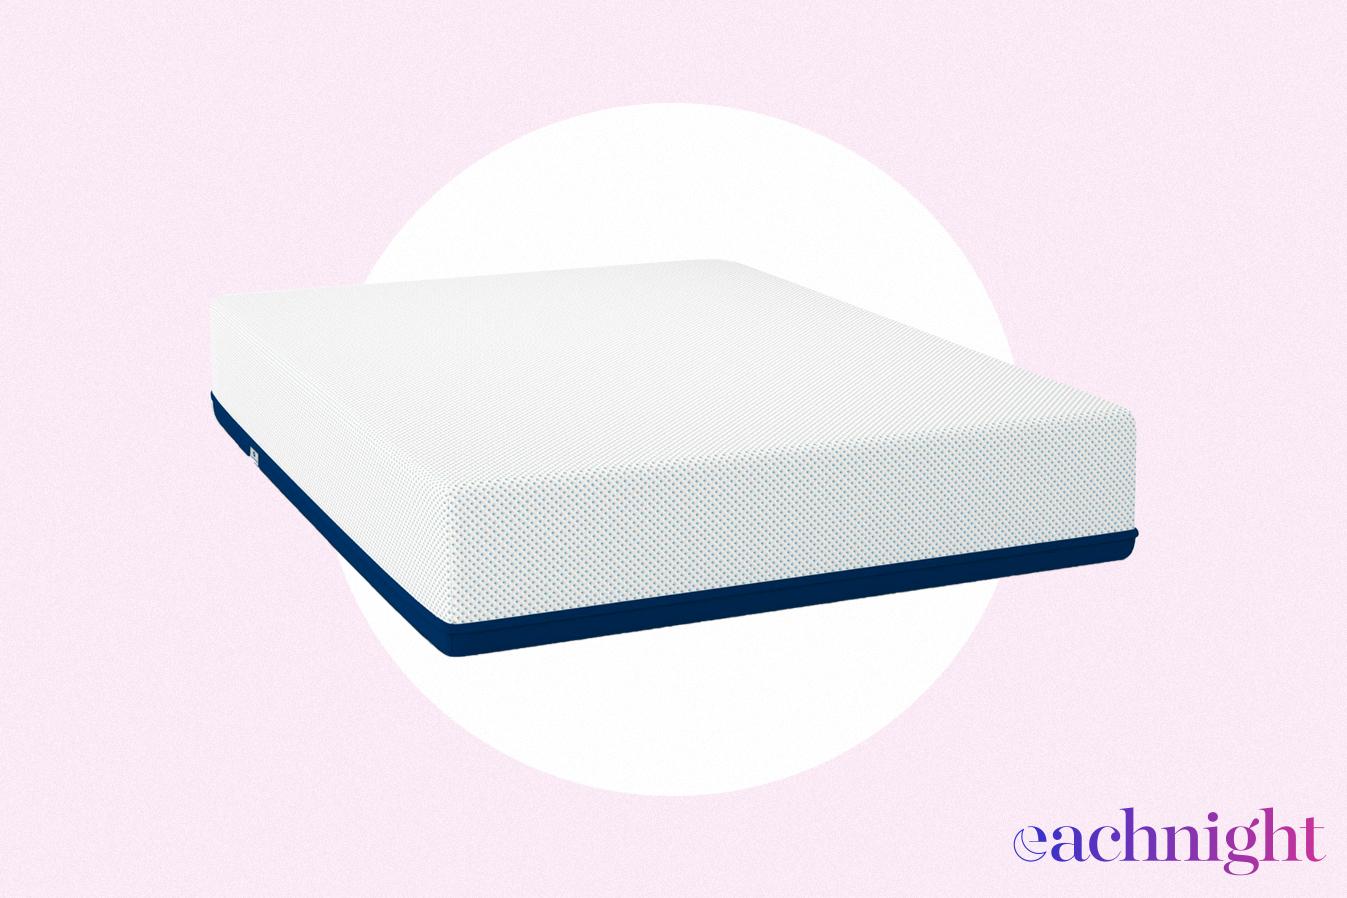 Amerisleep AS5 Best Soft Mattress